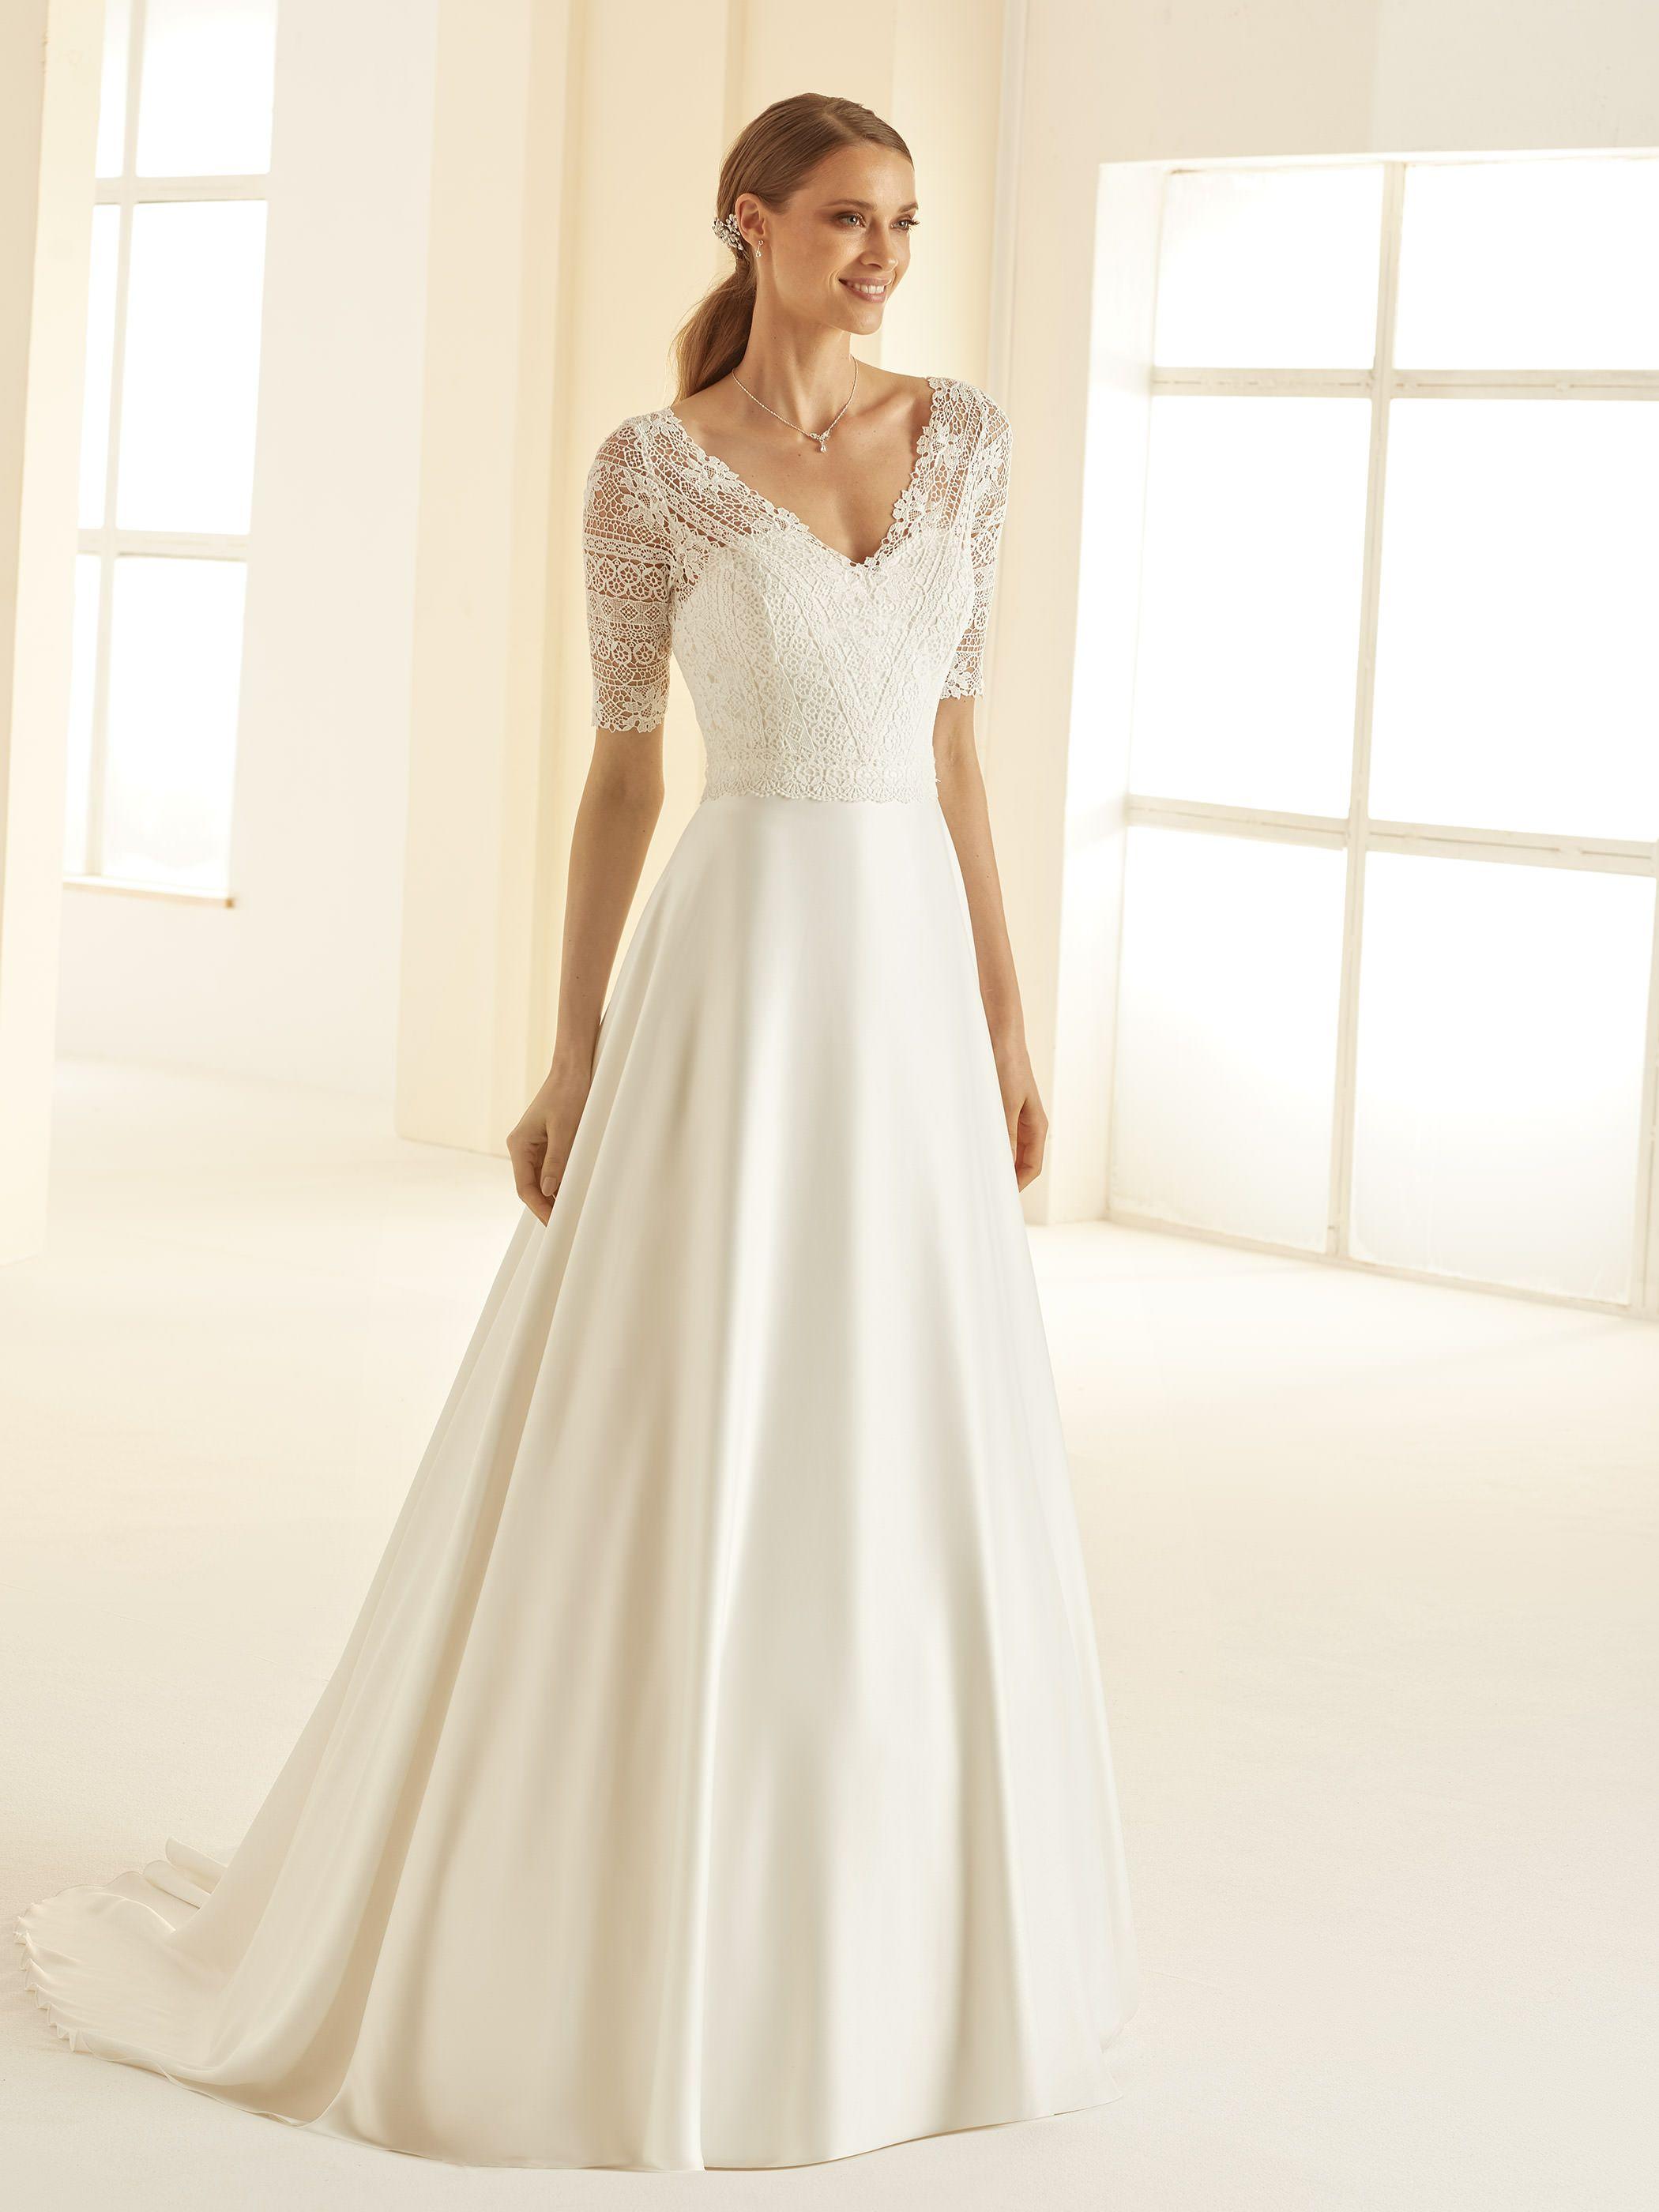 Nieuw Klassieke jurk uit de collectie van Bianco Evento #verliefd JB-93